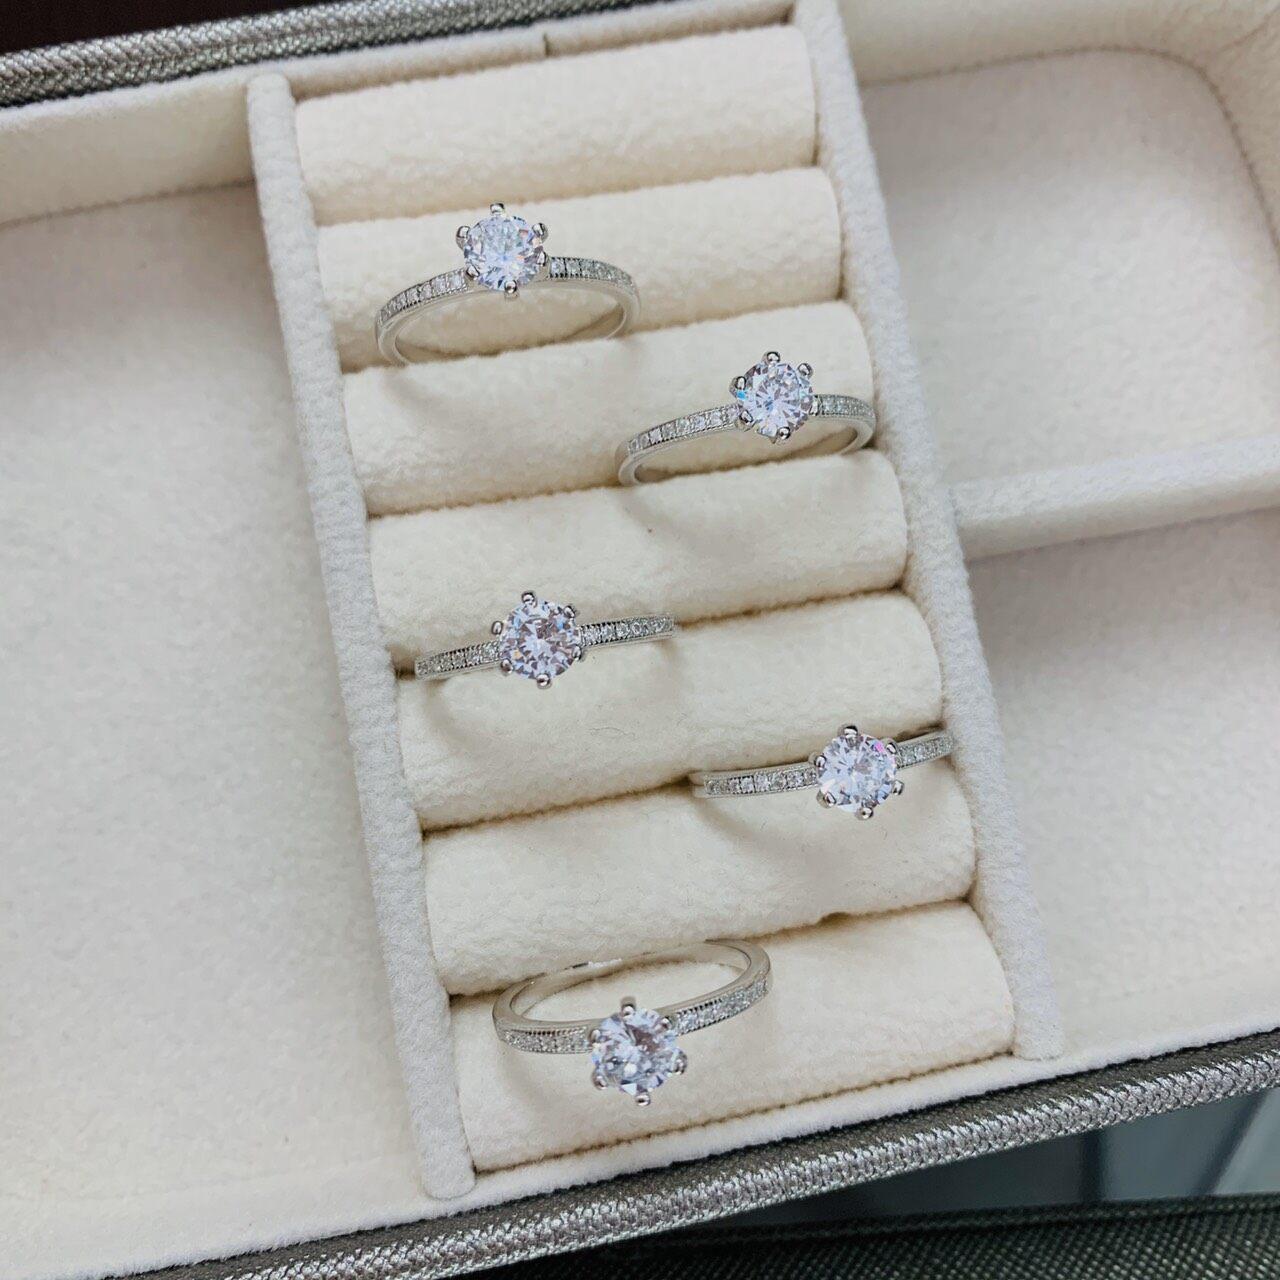 Zign Jewelry แหวนเพชร แหวนเงินแท้ 925รุ่นRS0011เคลือบทองคำขาวแท้ของแท้100%มีบัตรรับประกัน